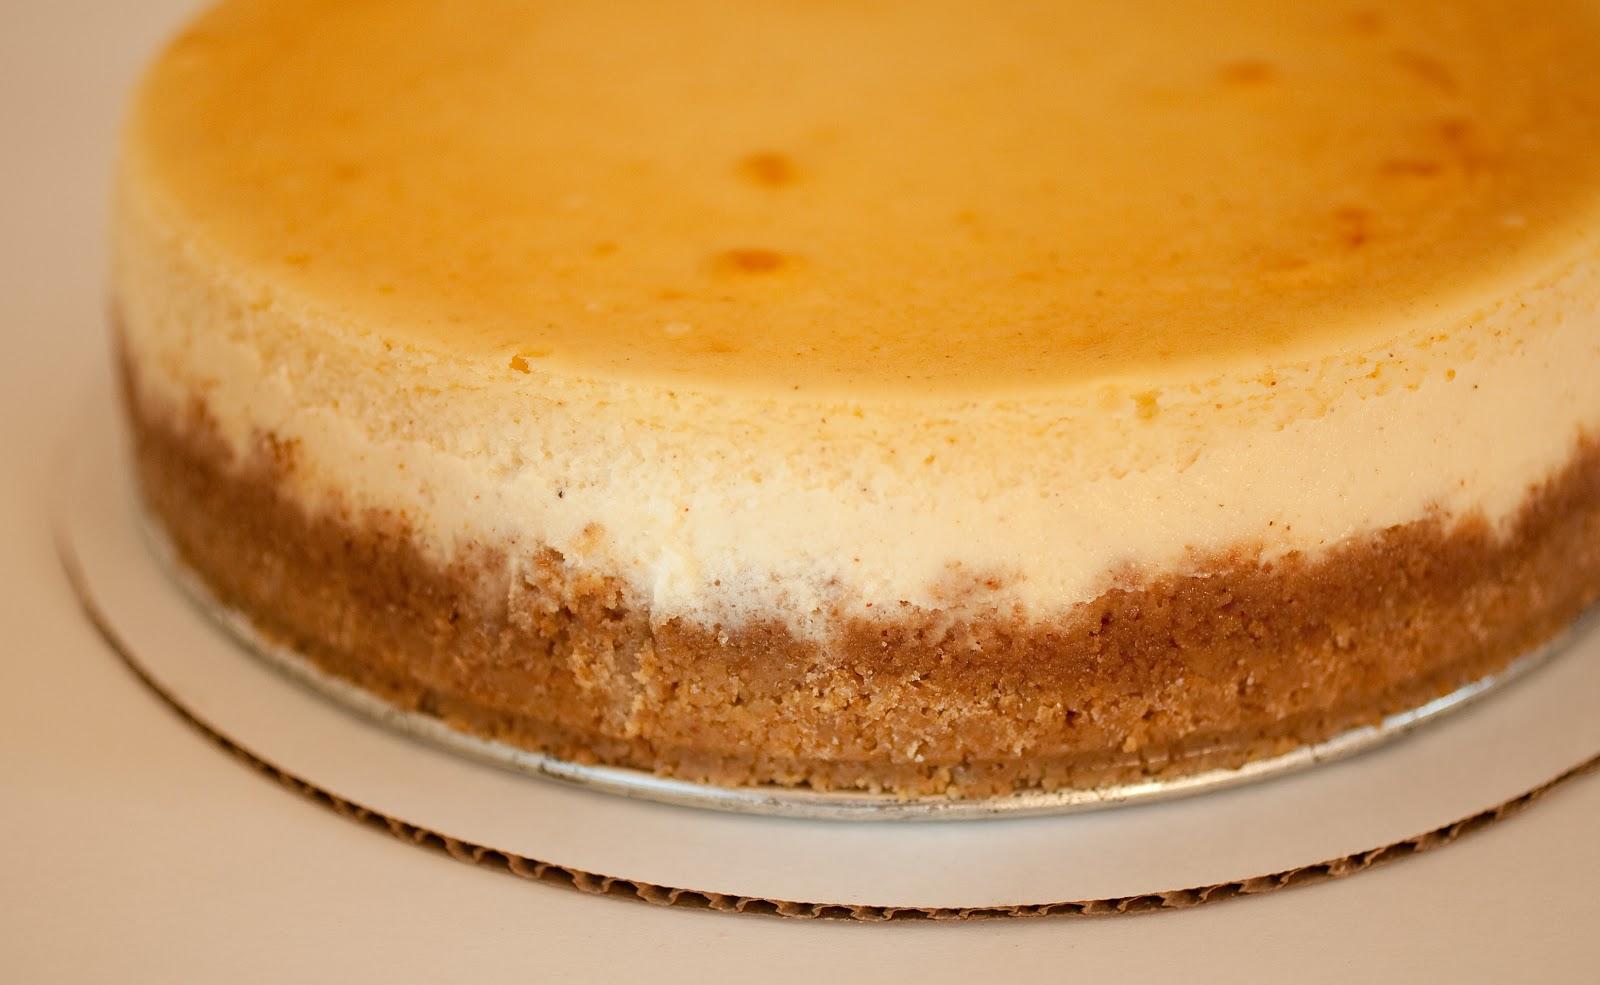 Tish Boyle Sweet Dreams: 'Tis the Season Eggnog Cheesecake